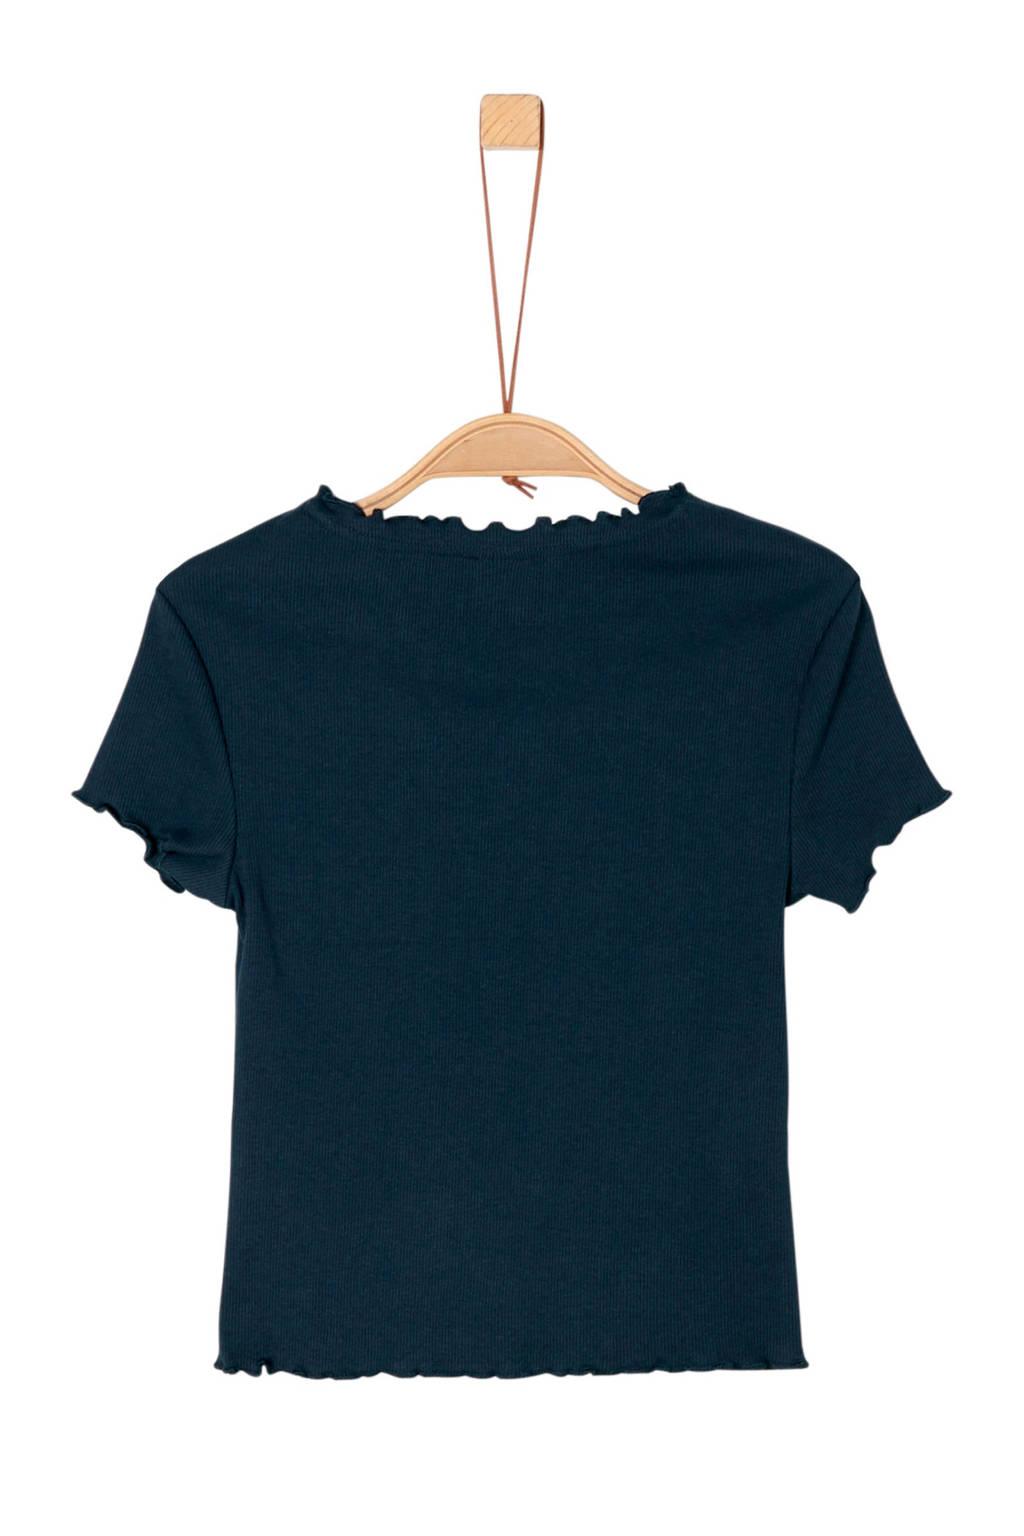 s.Oliver ribgebreid T-shirt met ruches donkerblauw, Donkerblauw